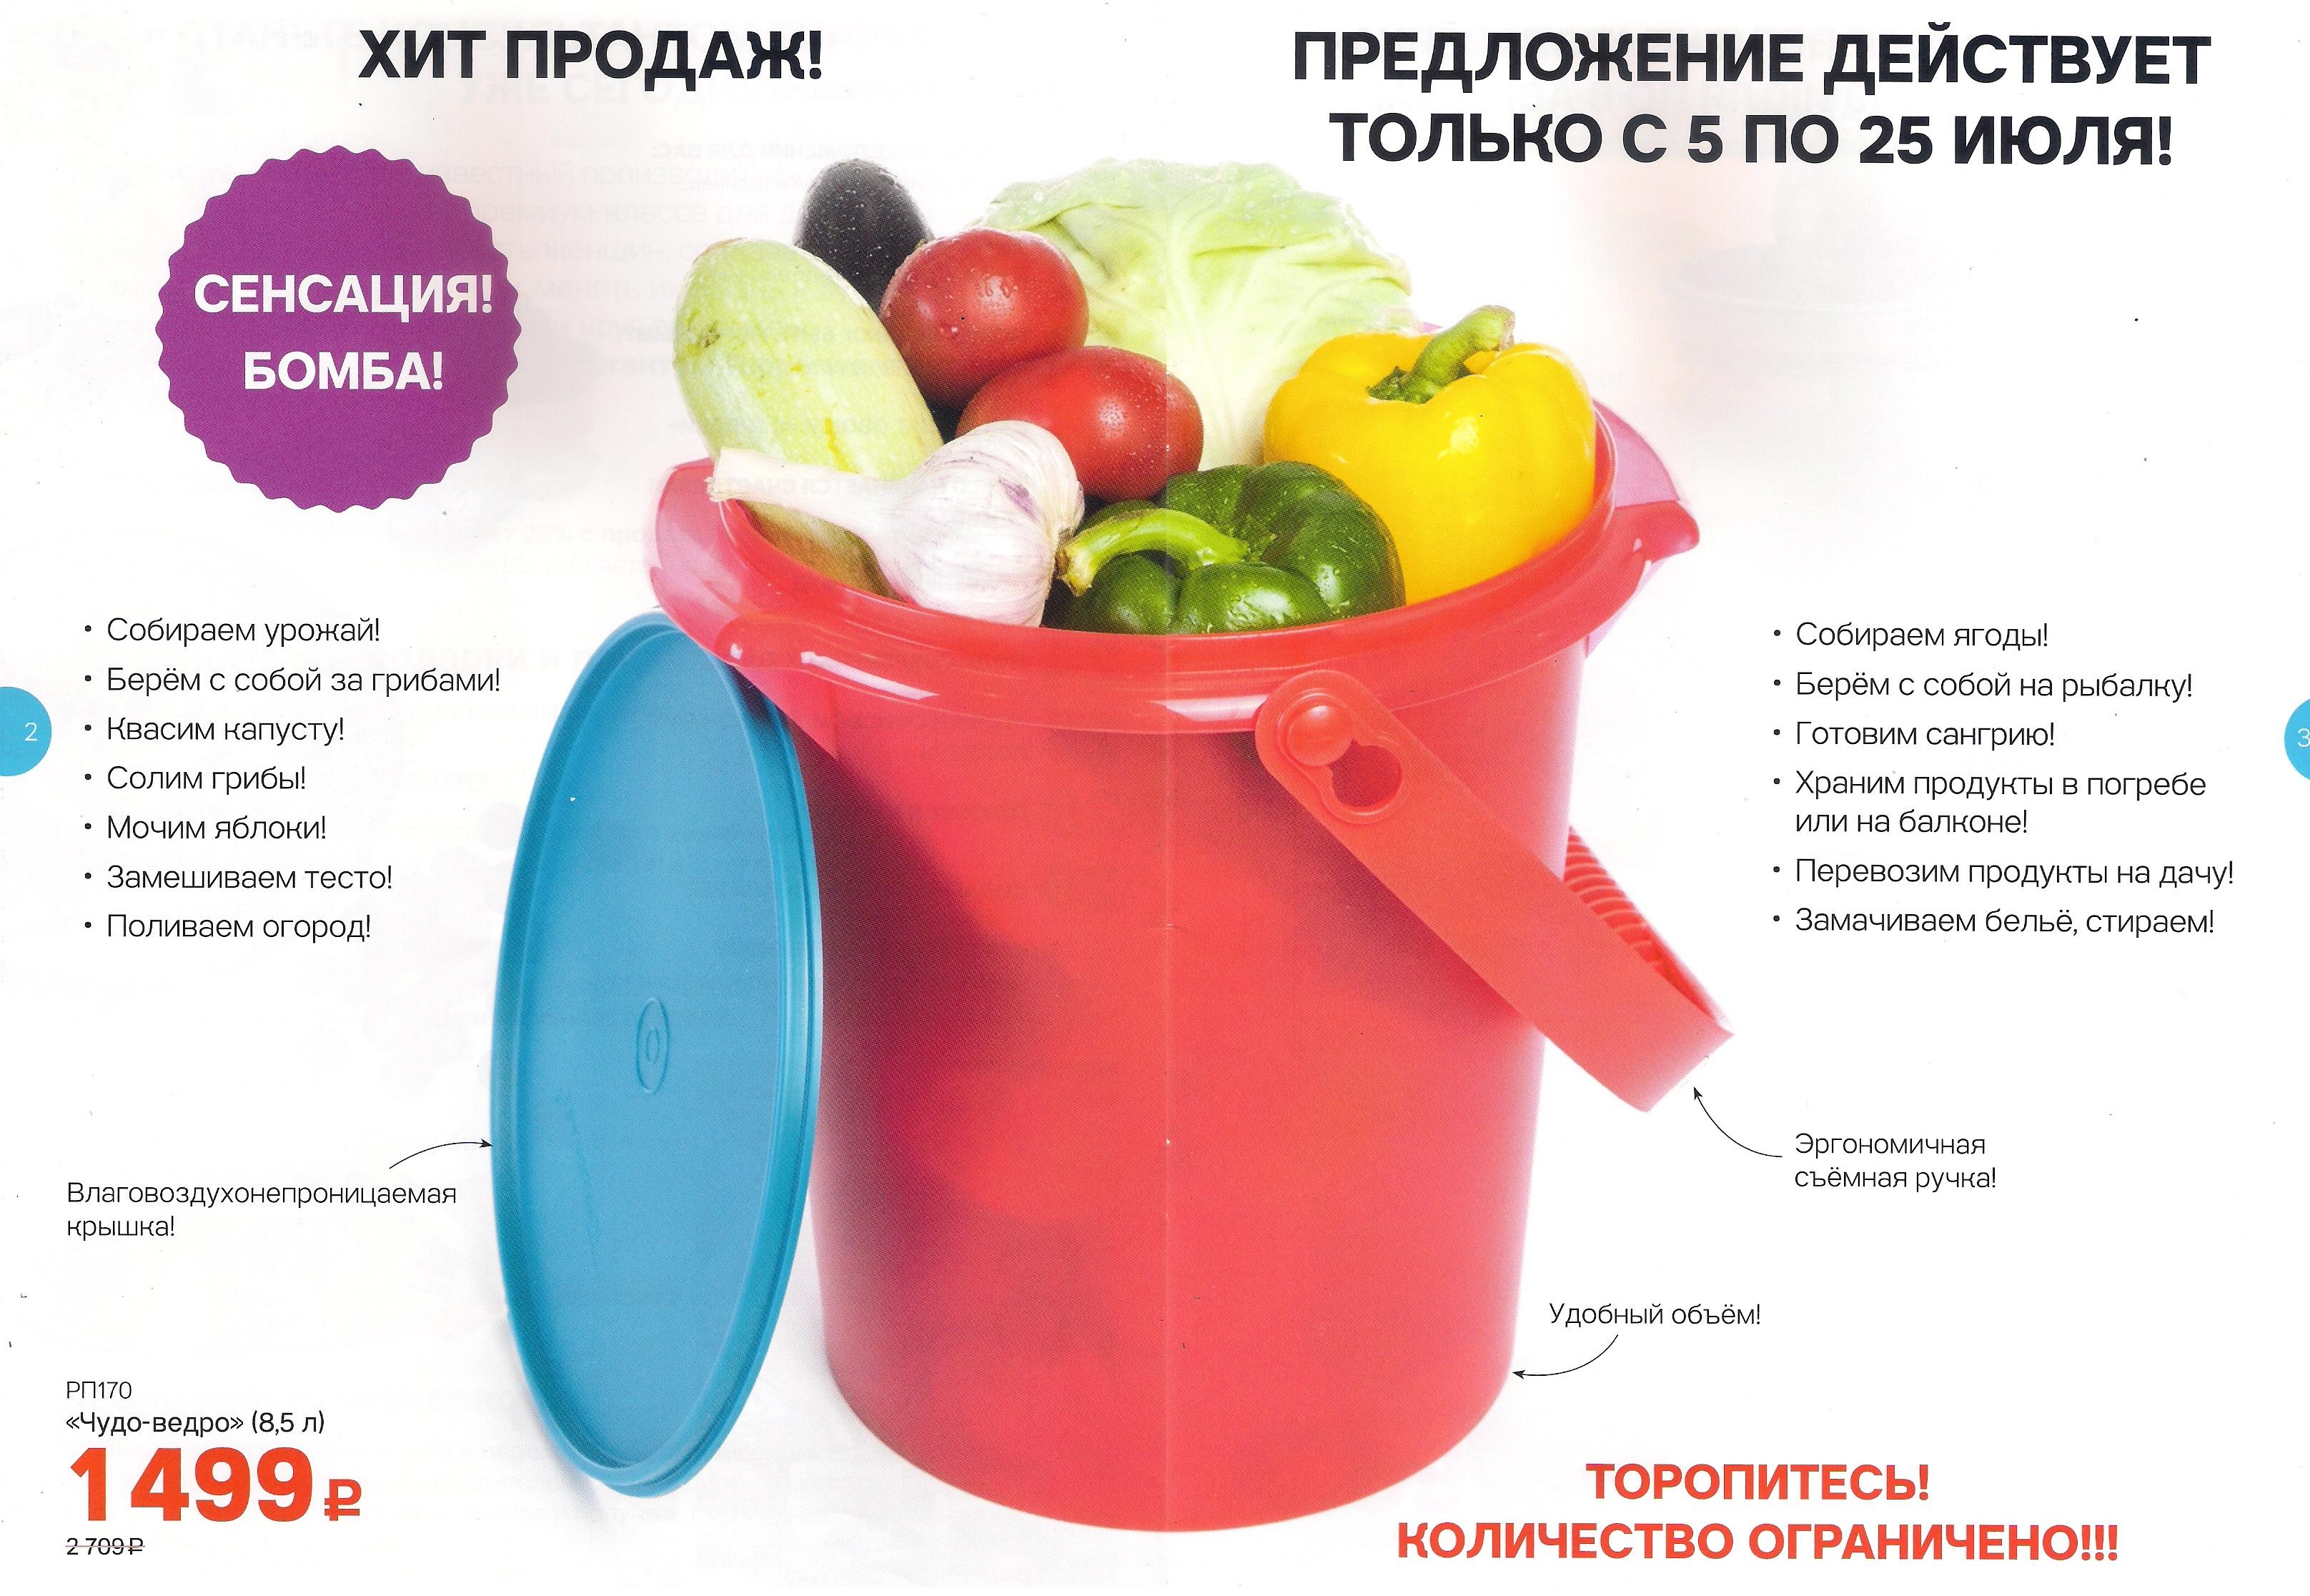 http://tupperware-online.ru/images/upload/2m.jpg